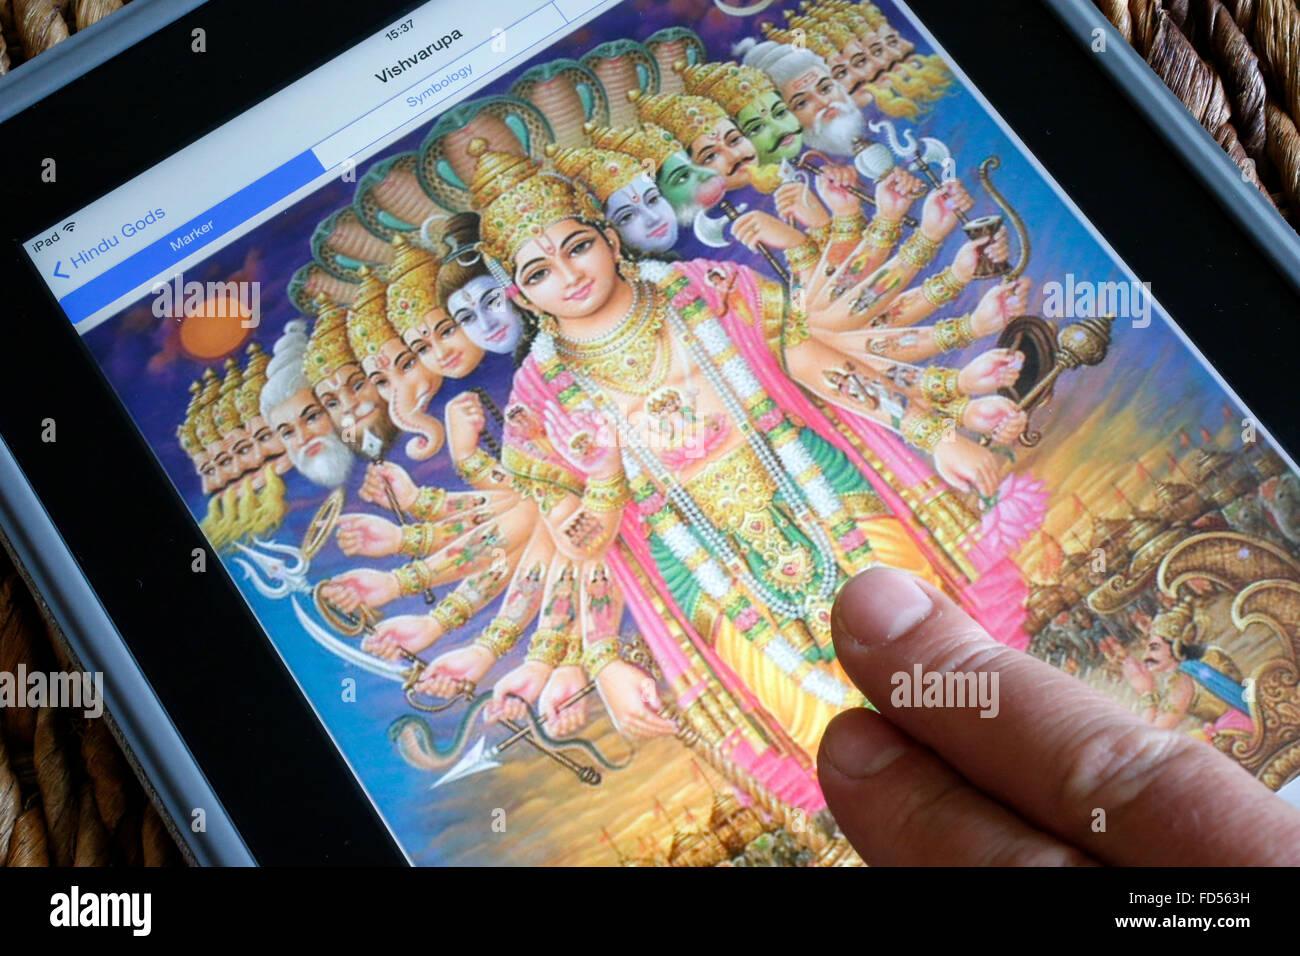 Hindu deity on an Ipad. Vishvarupa. - Stock Image